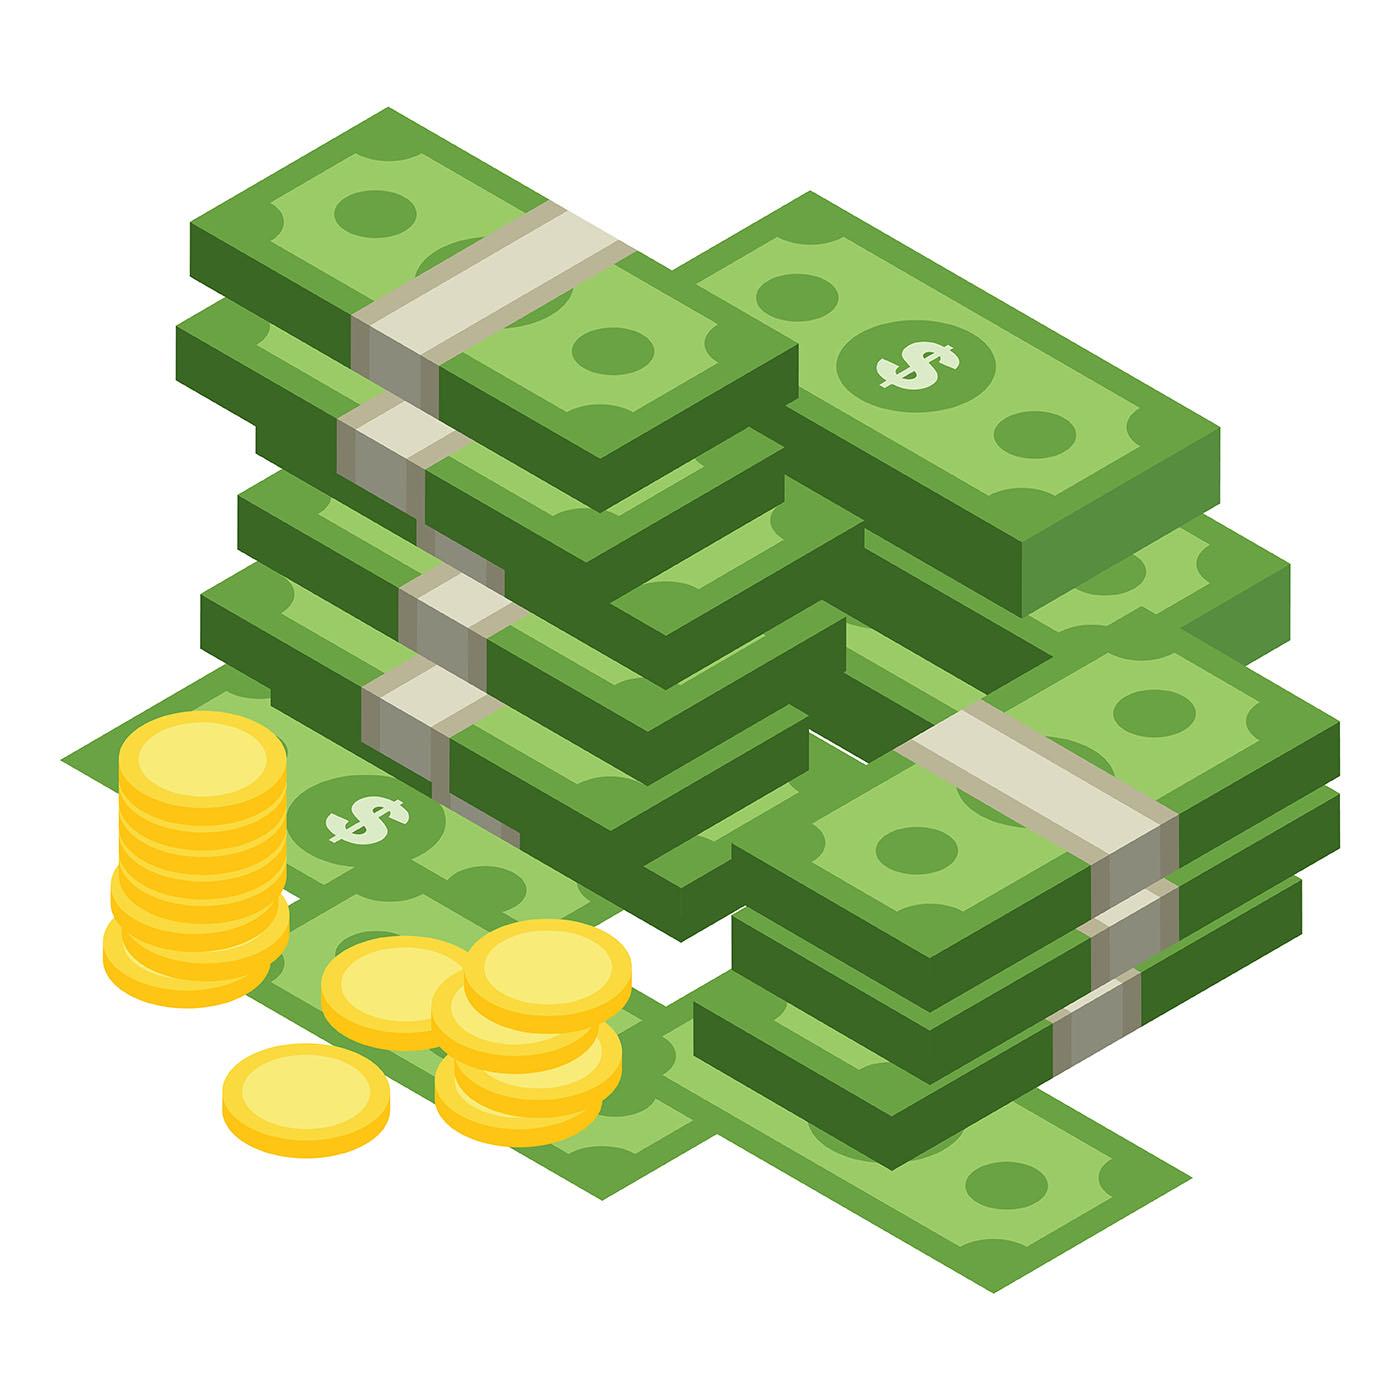 كيفية كسب المال في المدرسة بطرق عملية ومجربة 4